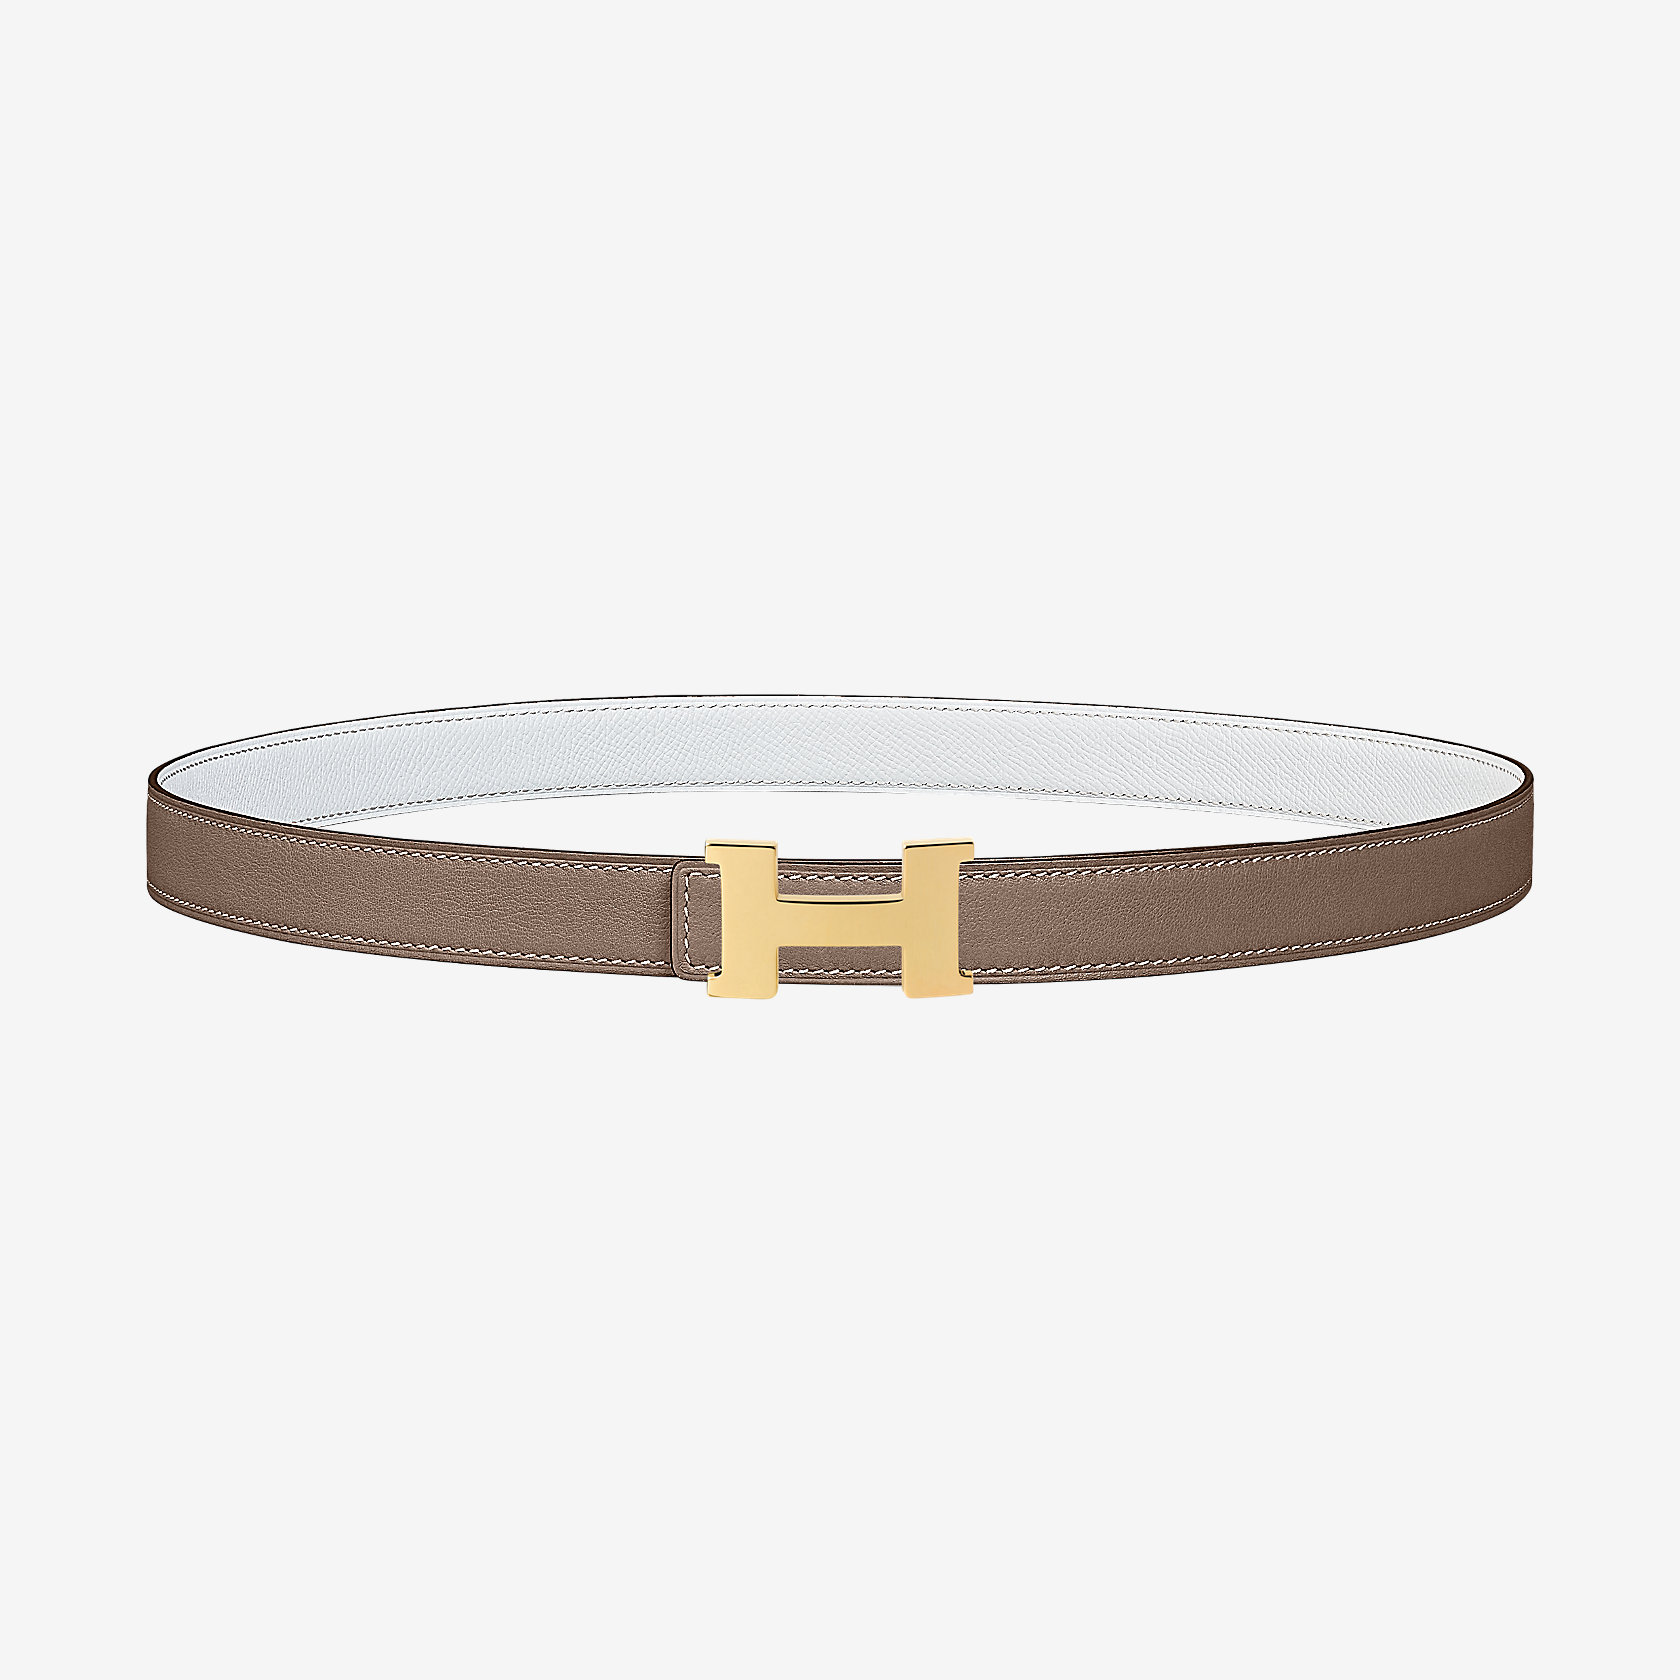 Boucle de ceinture Mini Constance   Cuir de ceinture réversible 24 mm    Hermès cc834eb9a5f